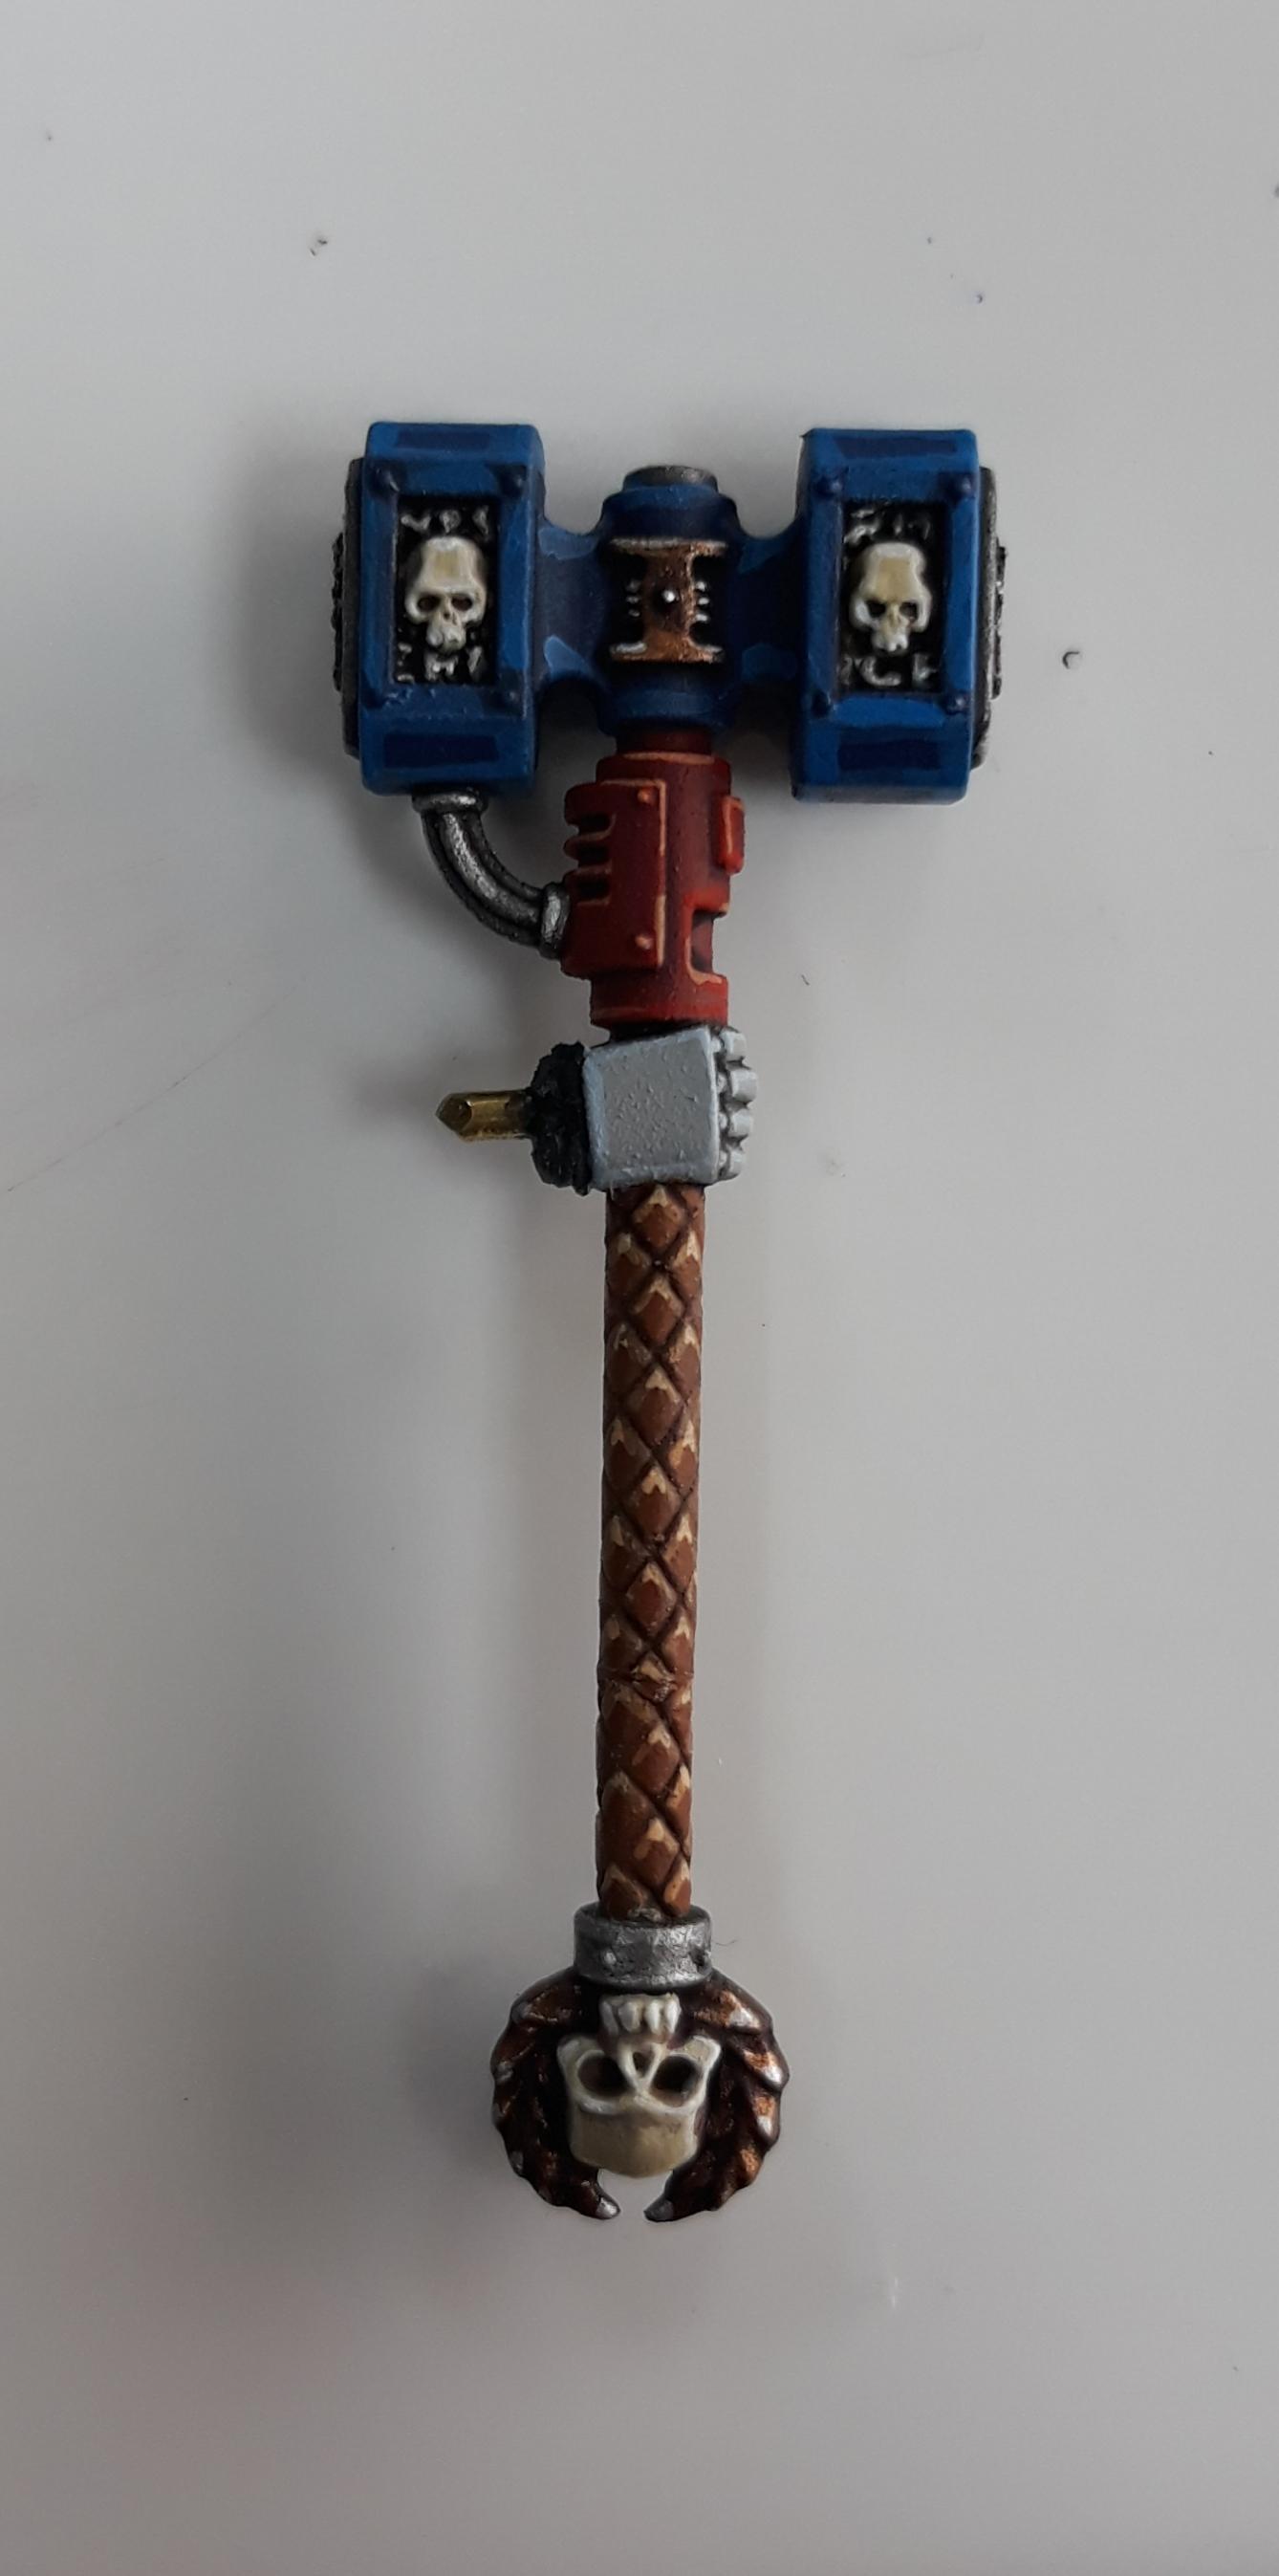 Draigo/robute Hammer done